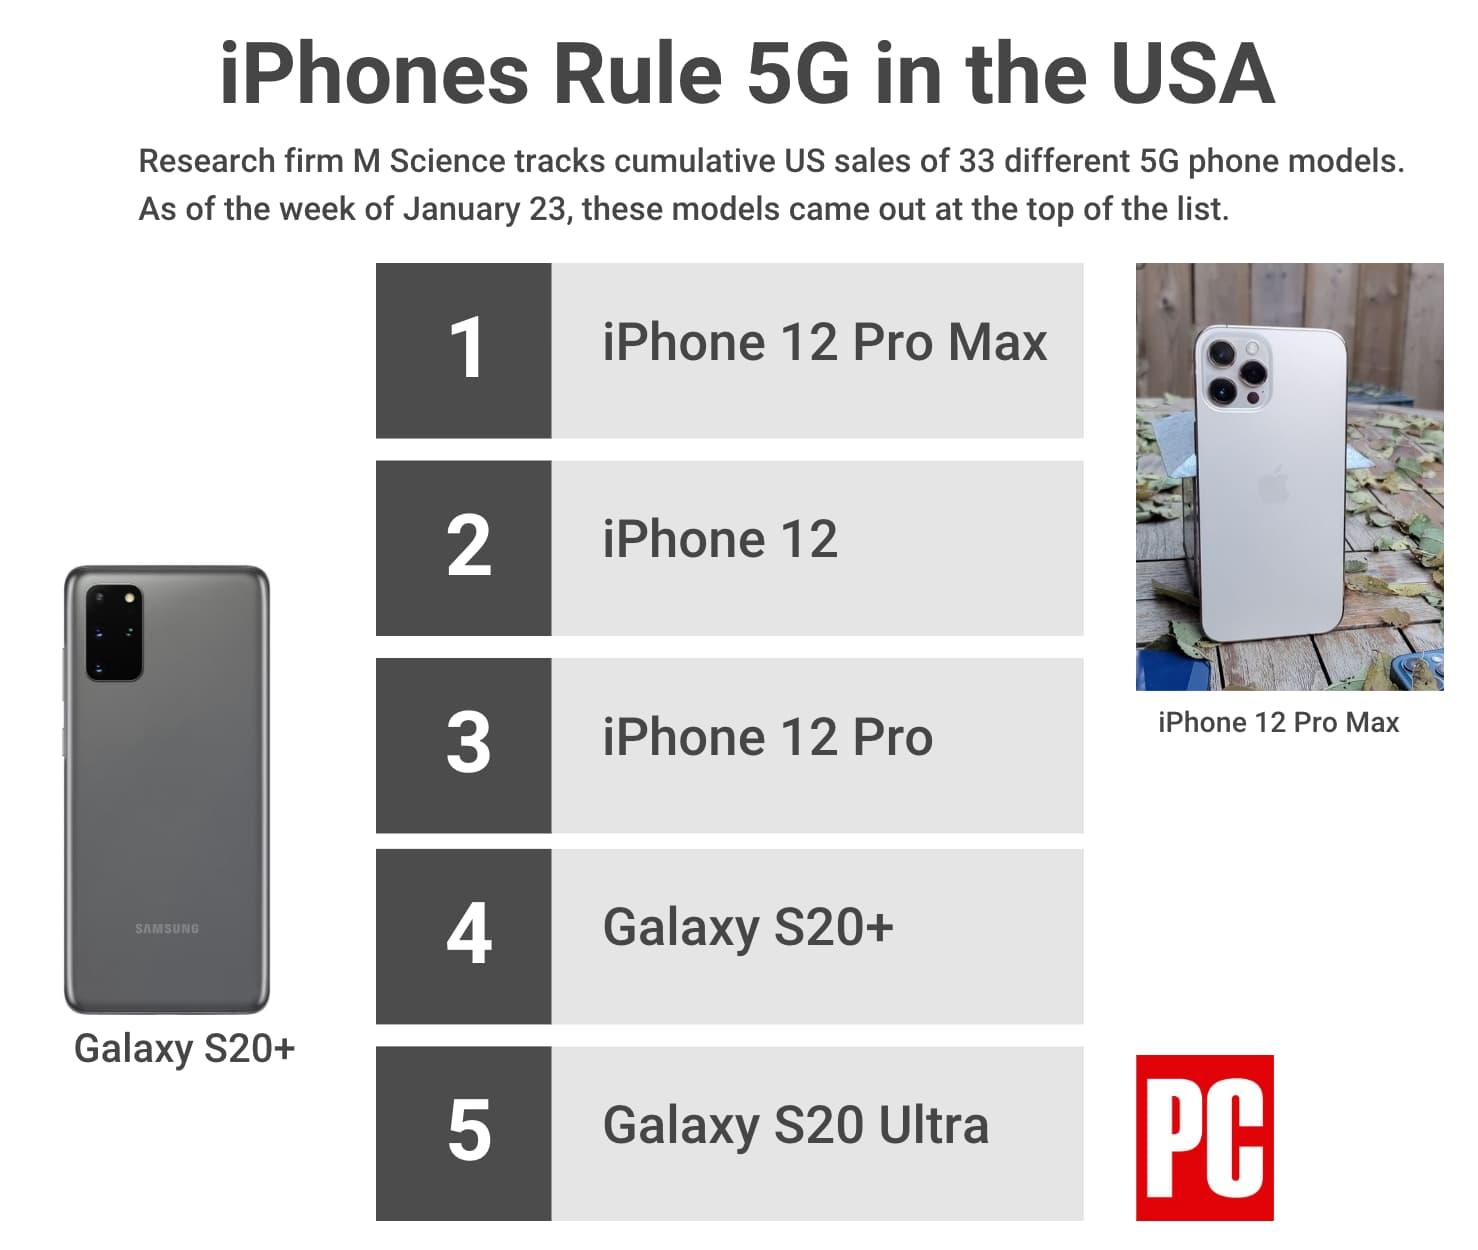 分析iPhone 12 Pro Max 熱賣?反而12 mini銷量差原因1